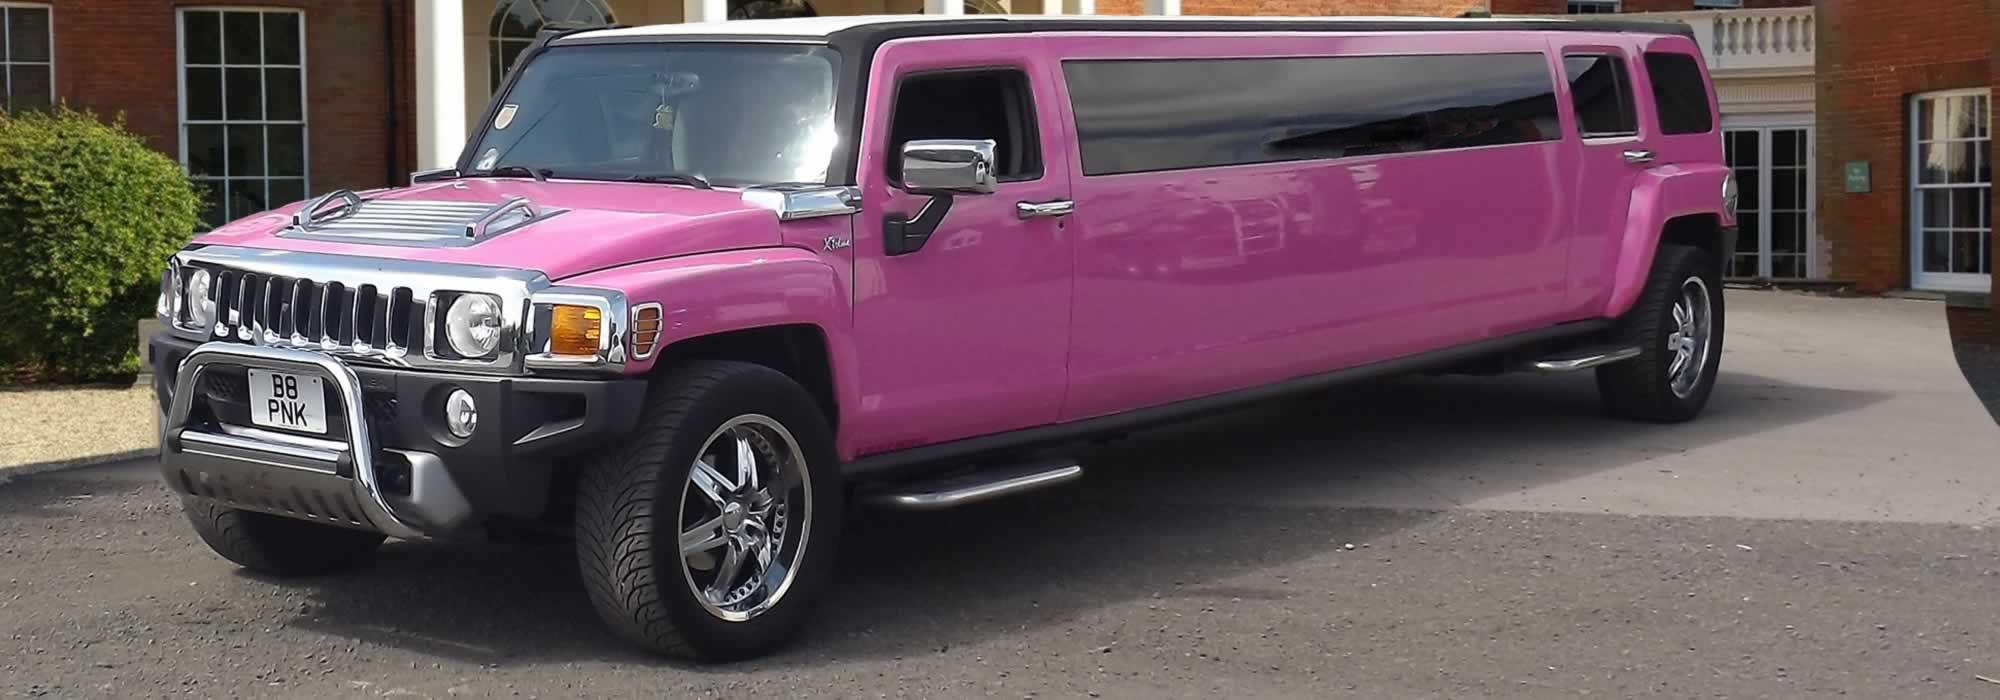 Pink Hummer H3 limo